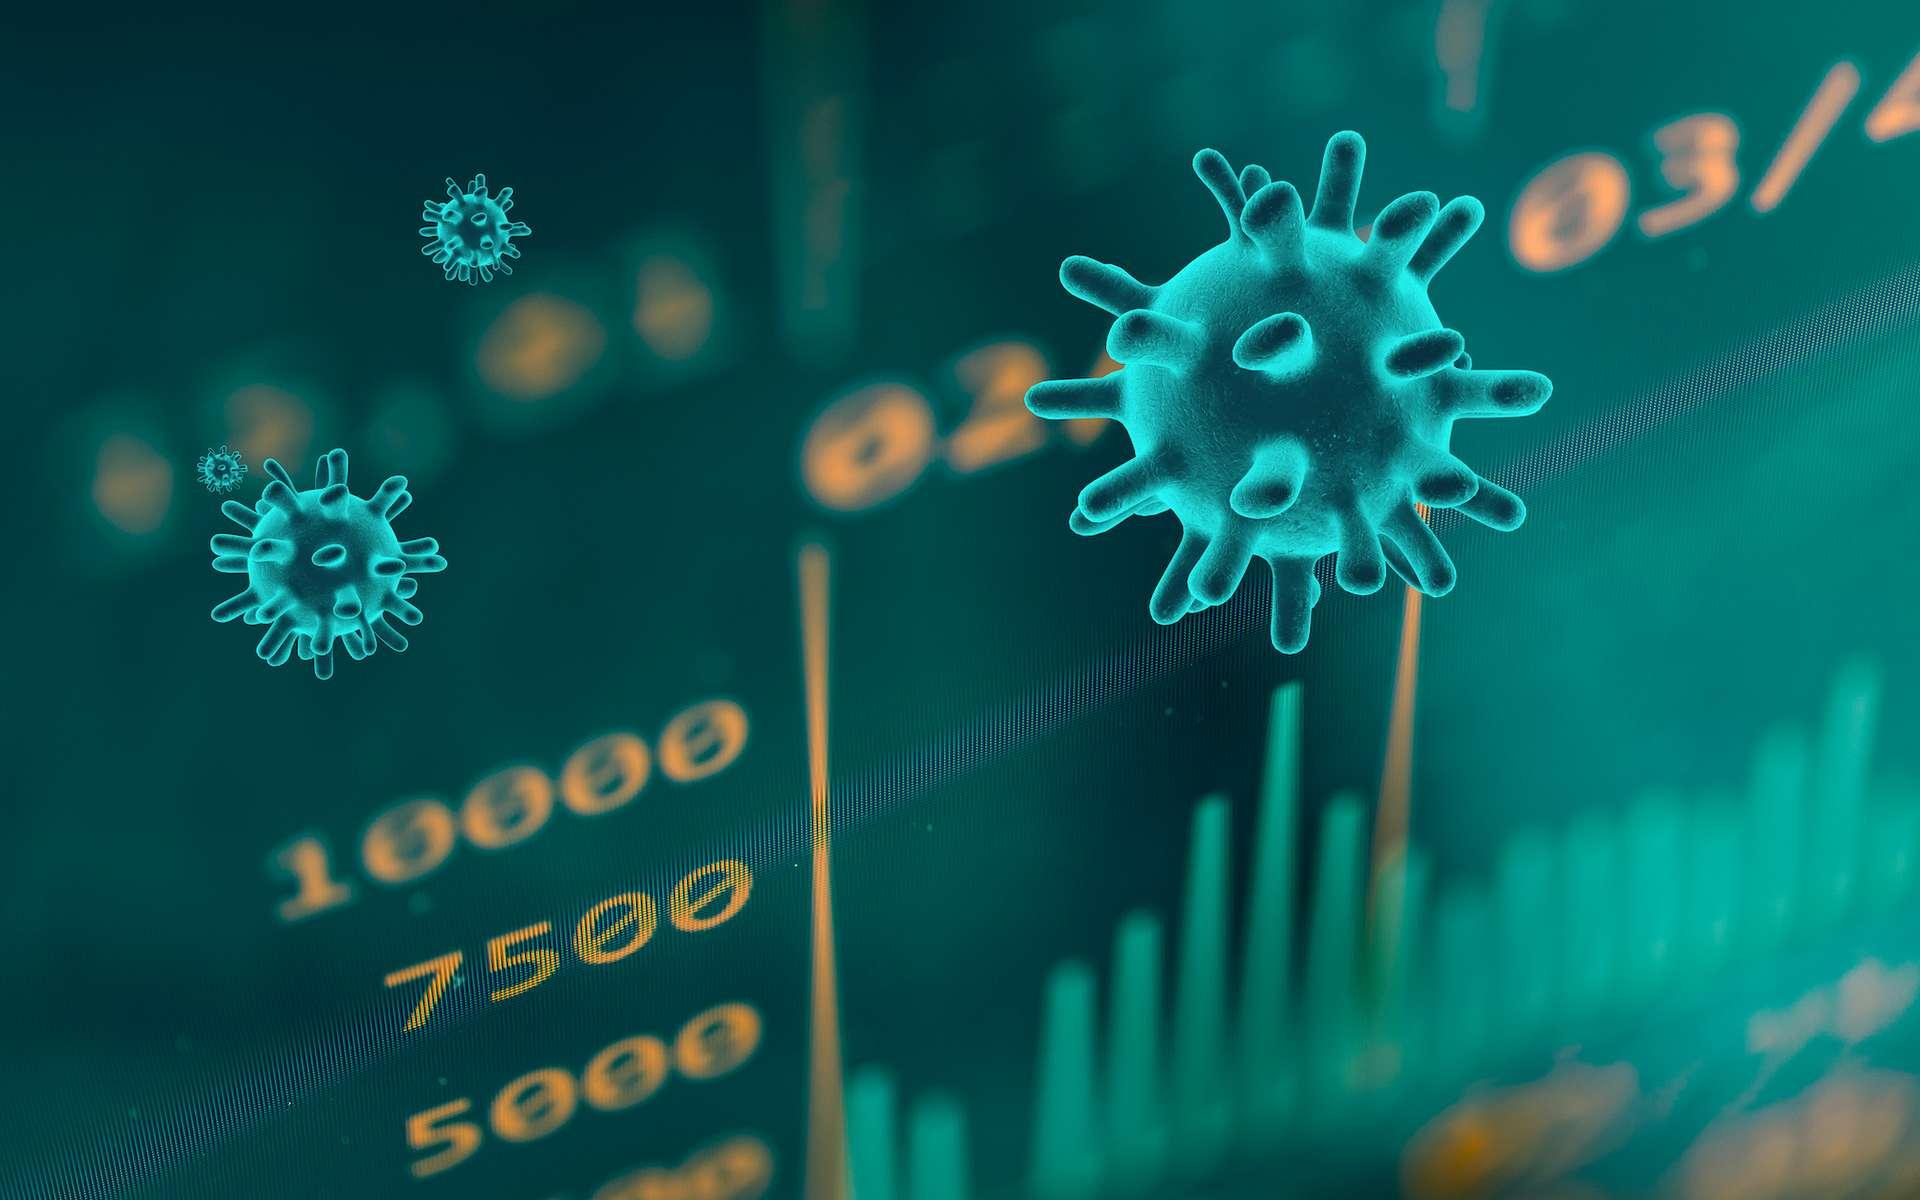 Épidémie de Covid-19 : pourquoi il faut se méfier des statistiques. © OSORIOartist, Adobe Stock